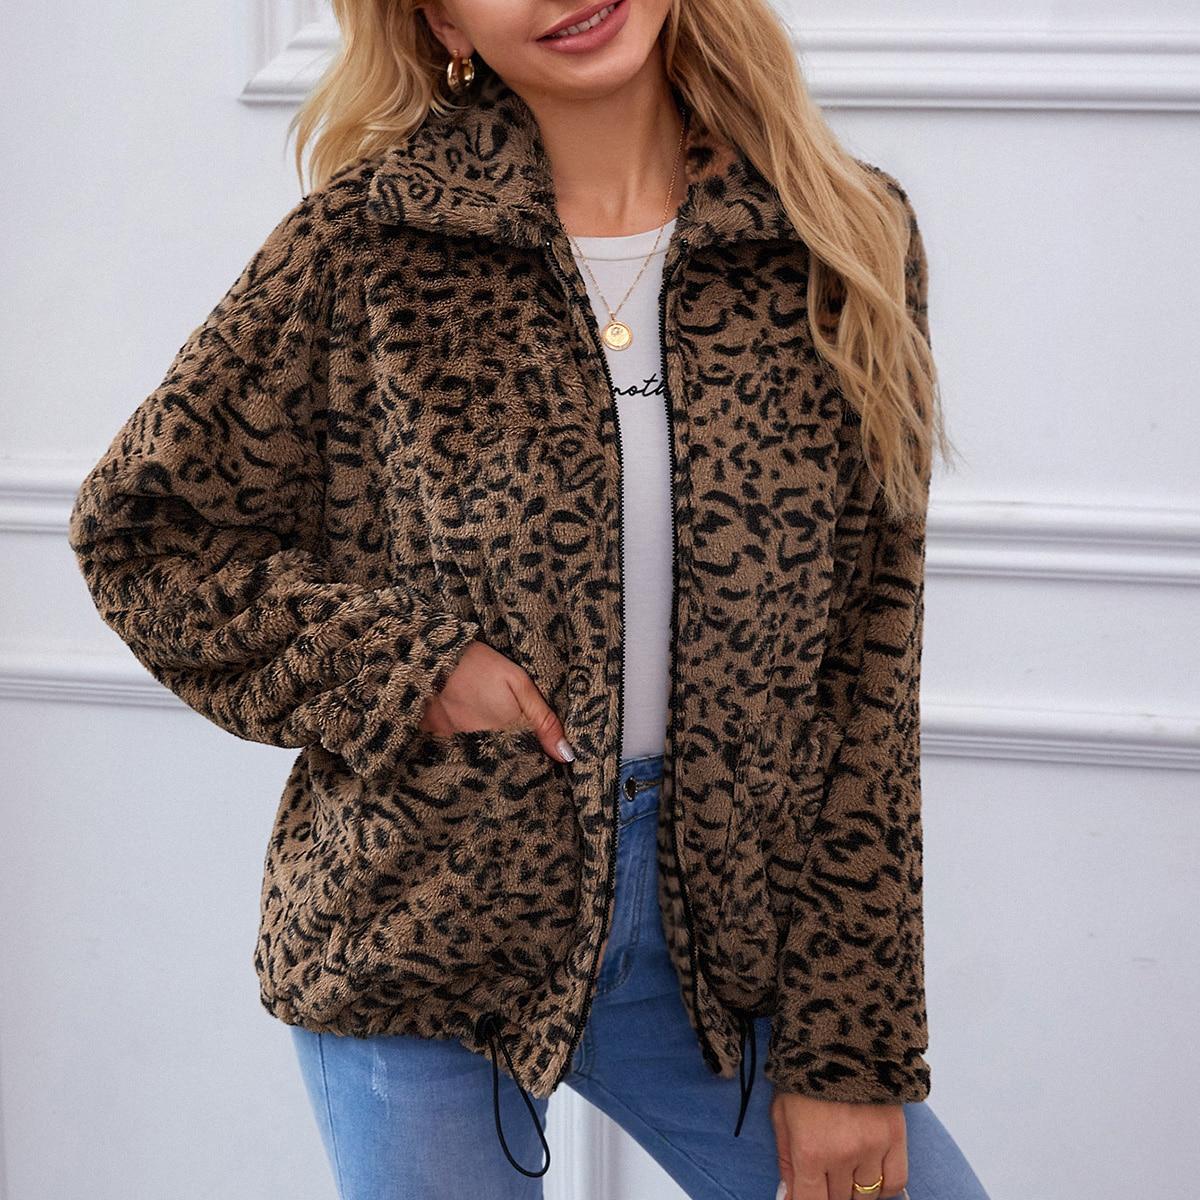 Пальто из искусственного меха с леопардовым принтом на кулиске